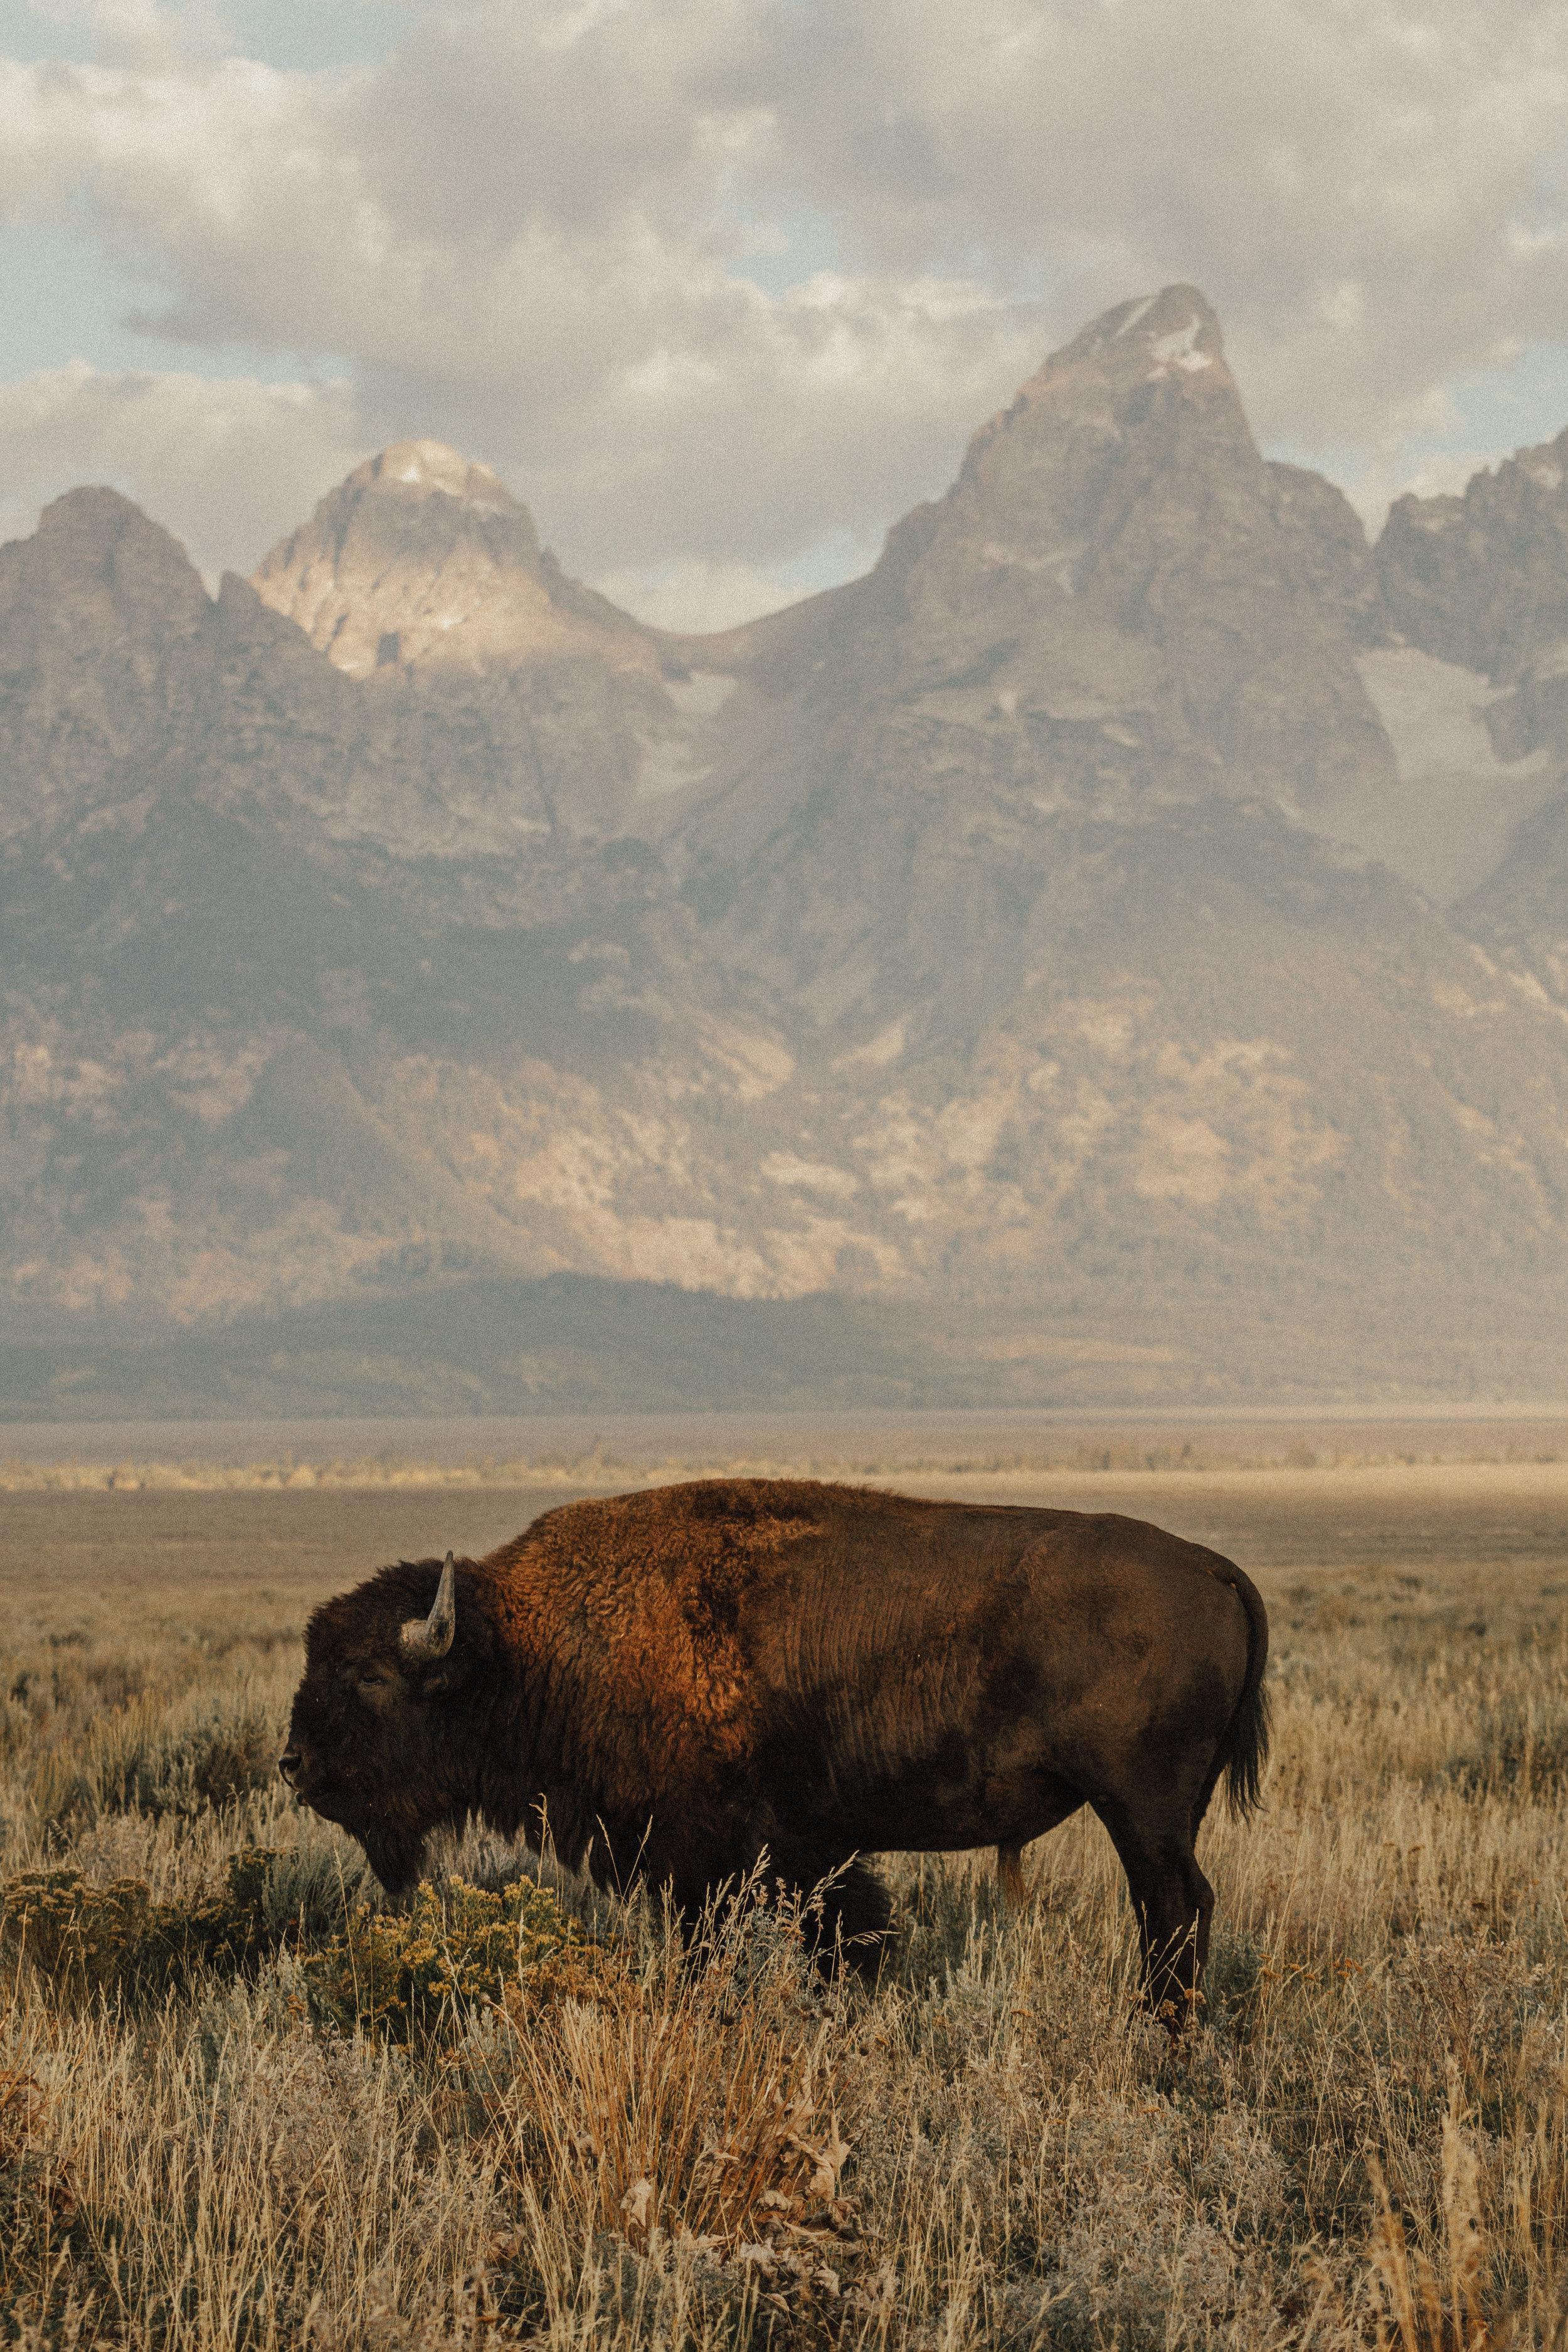 Buffalo-9.jpg